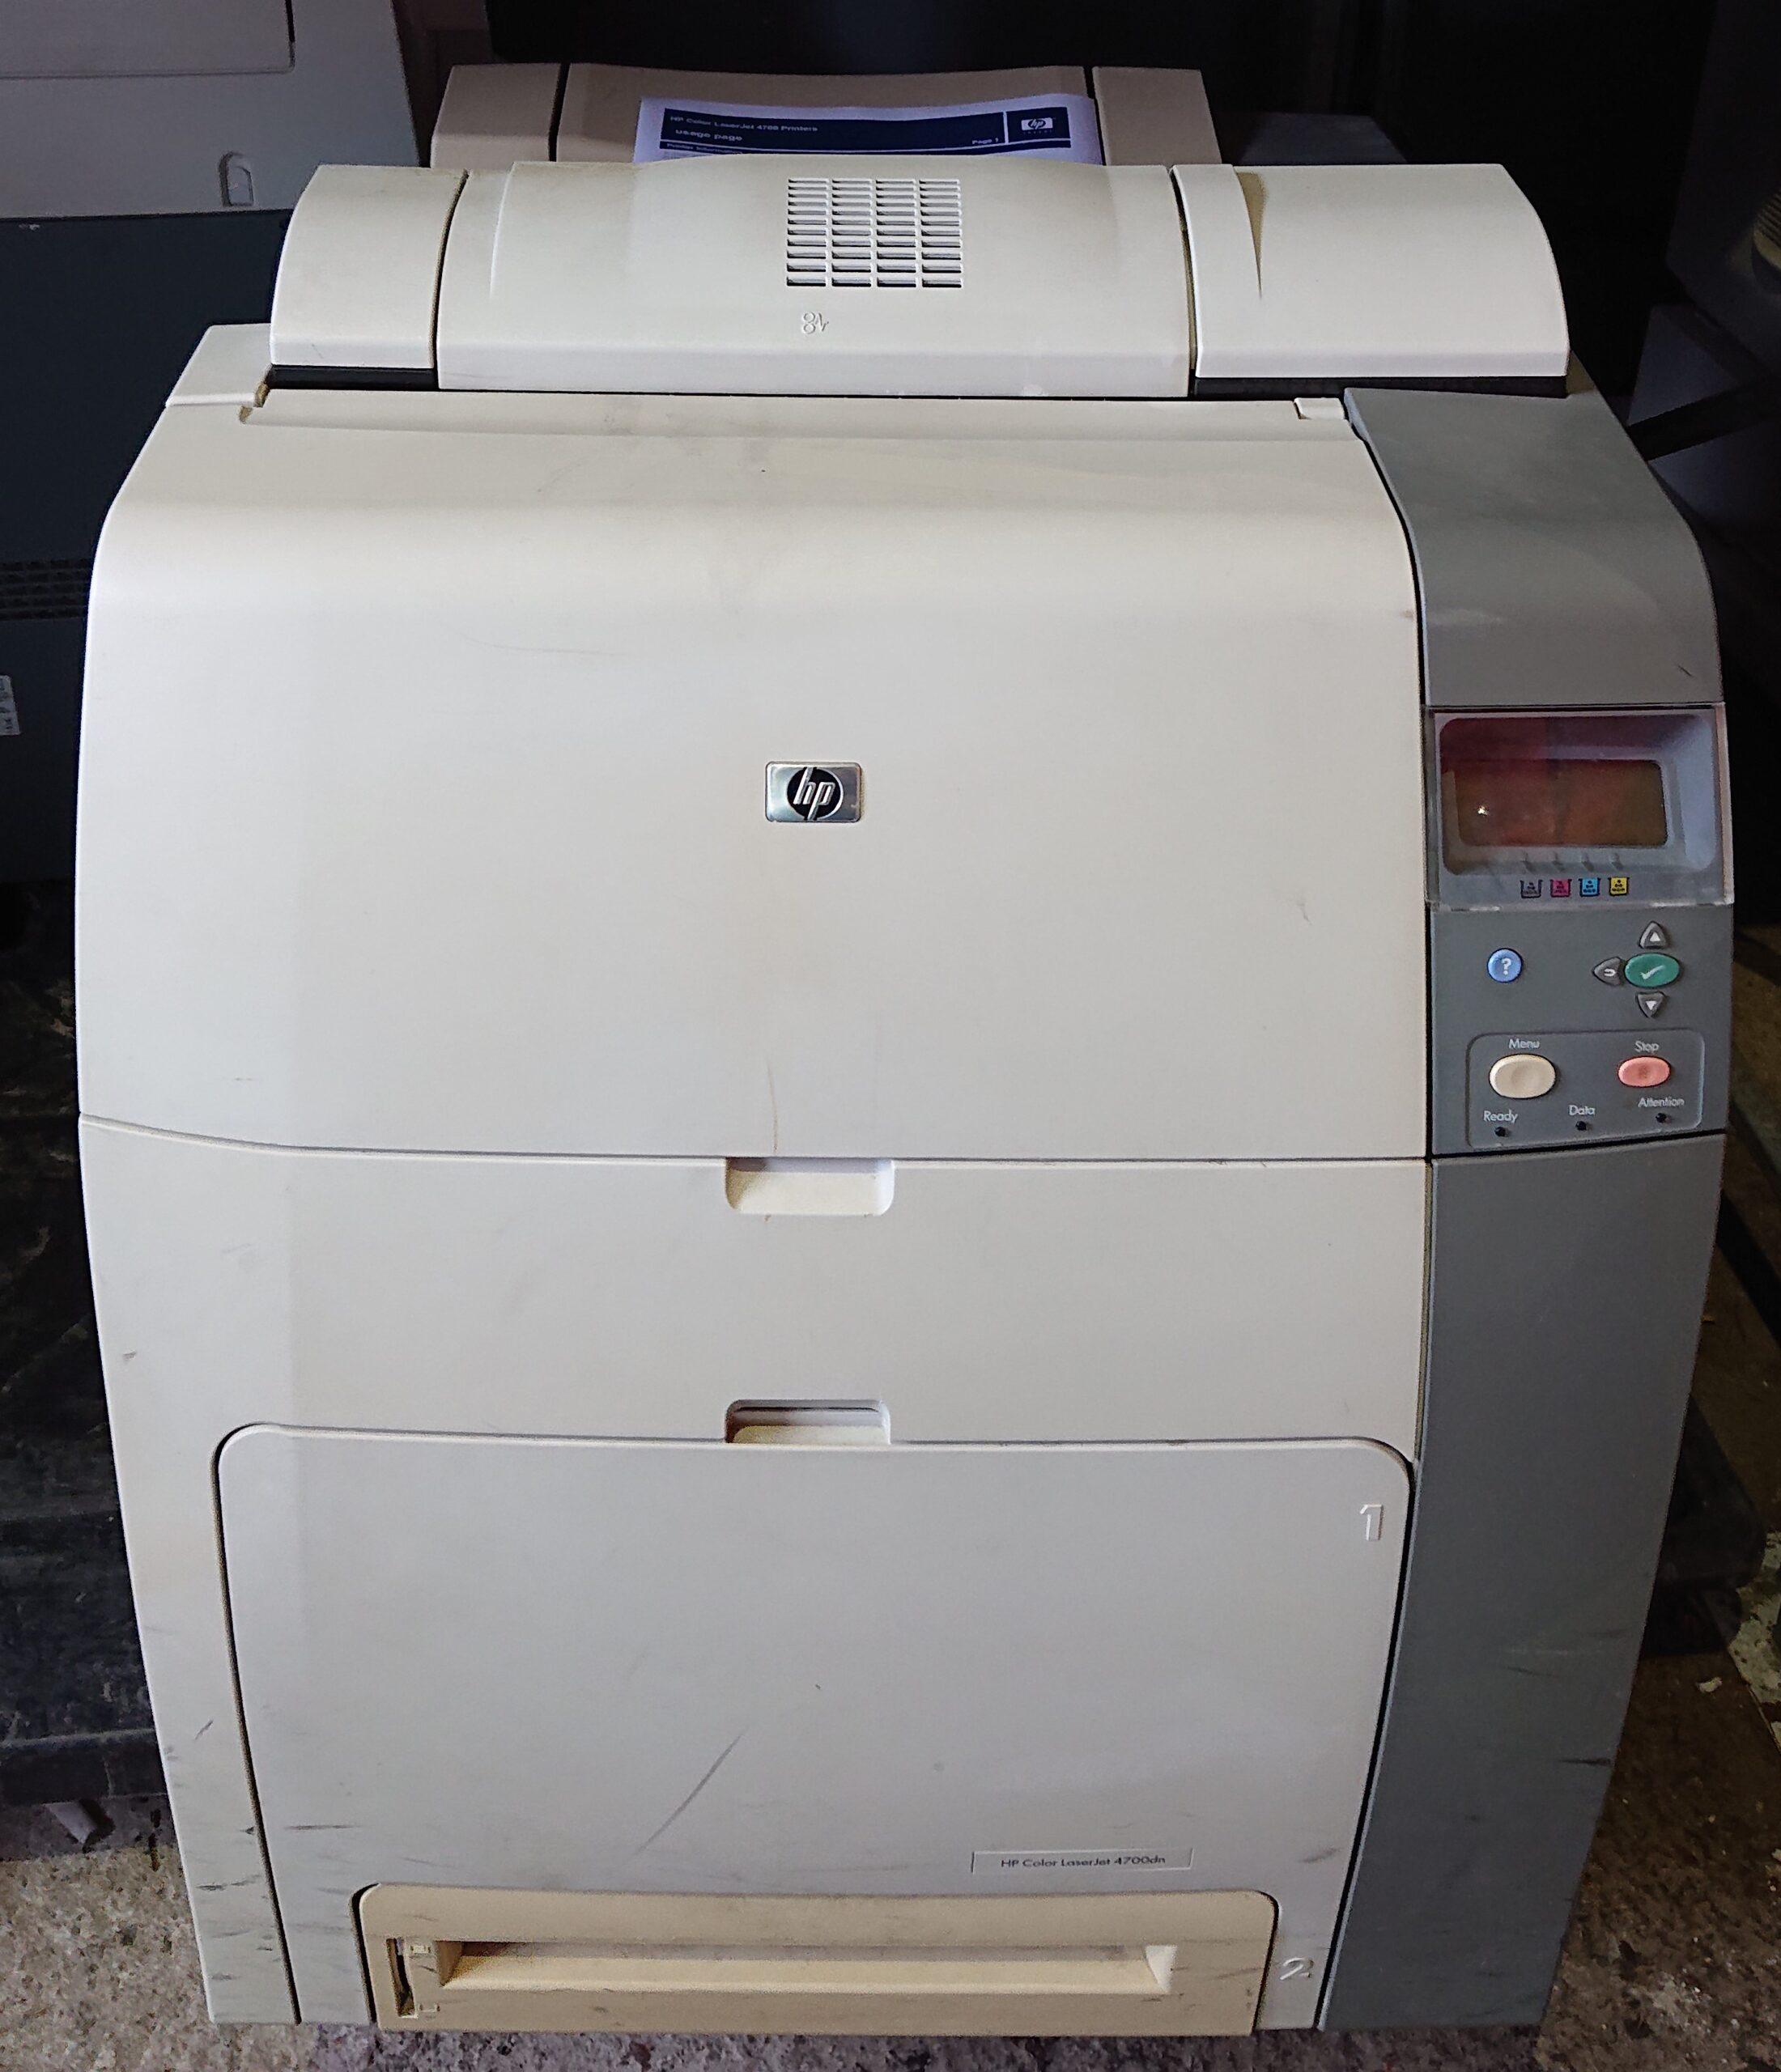 Принтеры HP 4700 с картриджами (20-421-6.1)